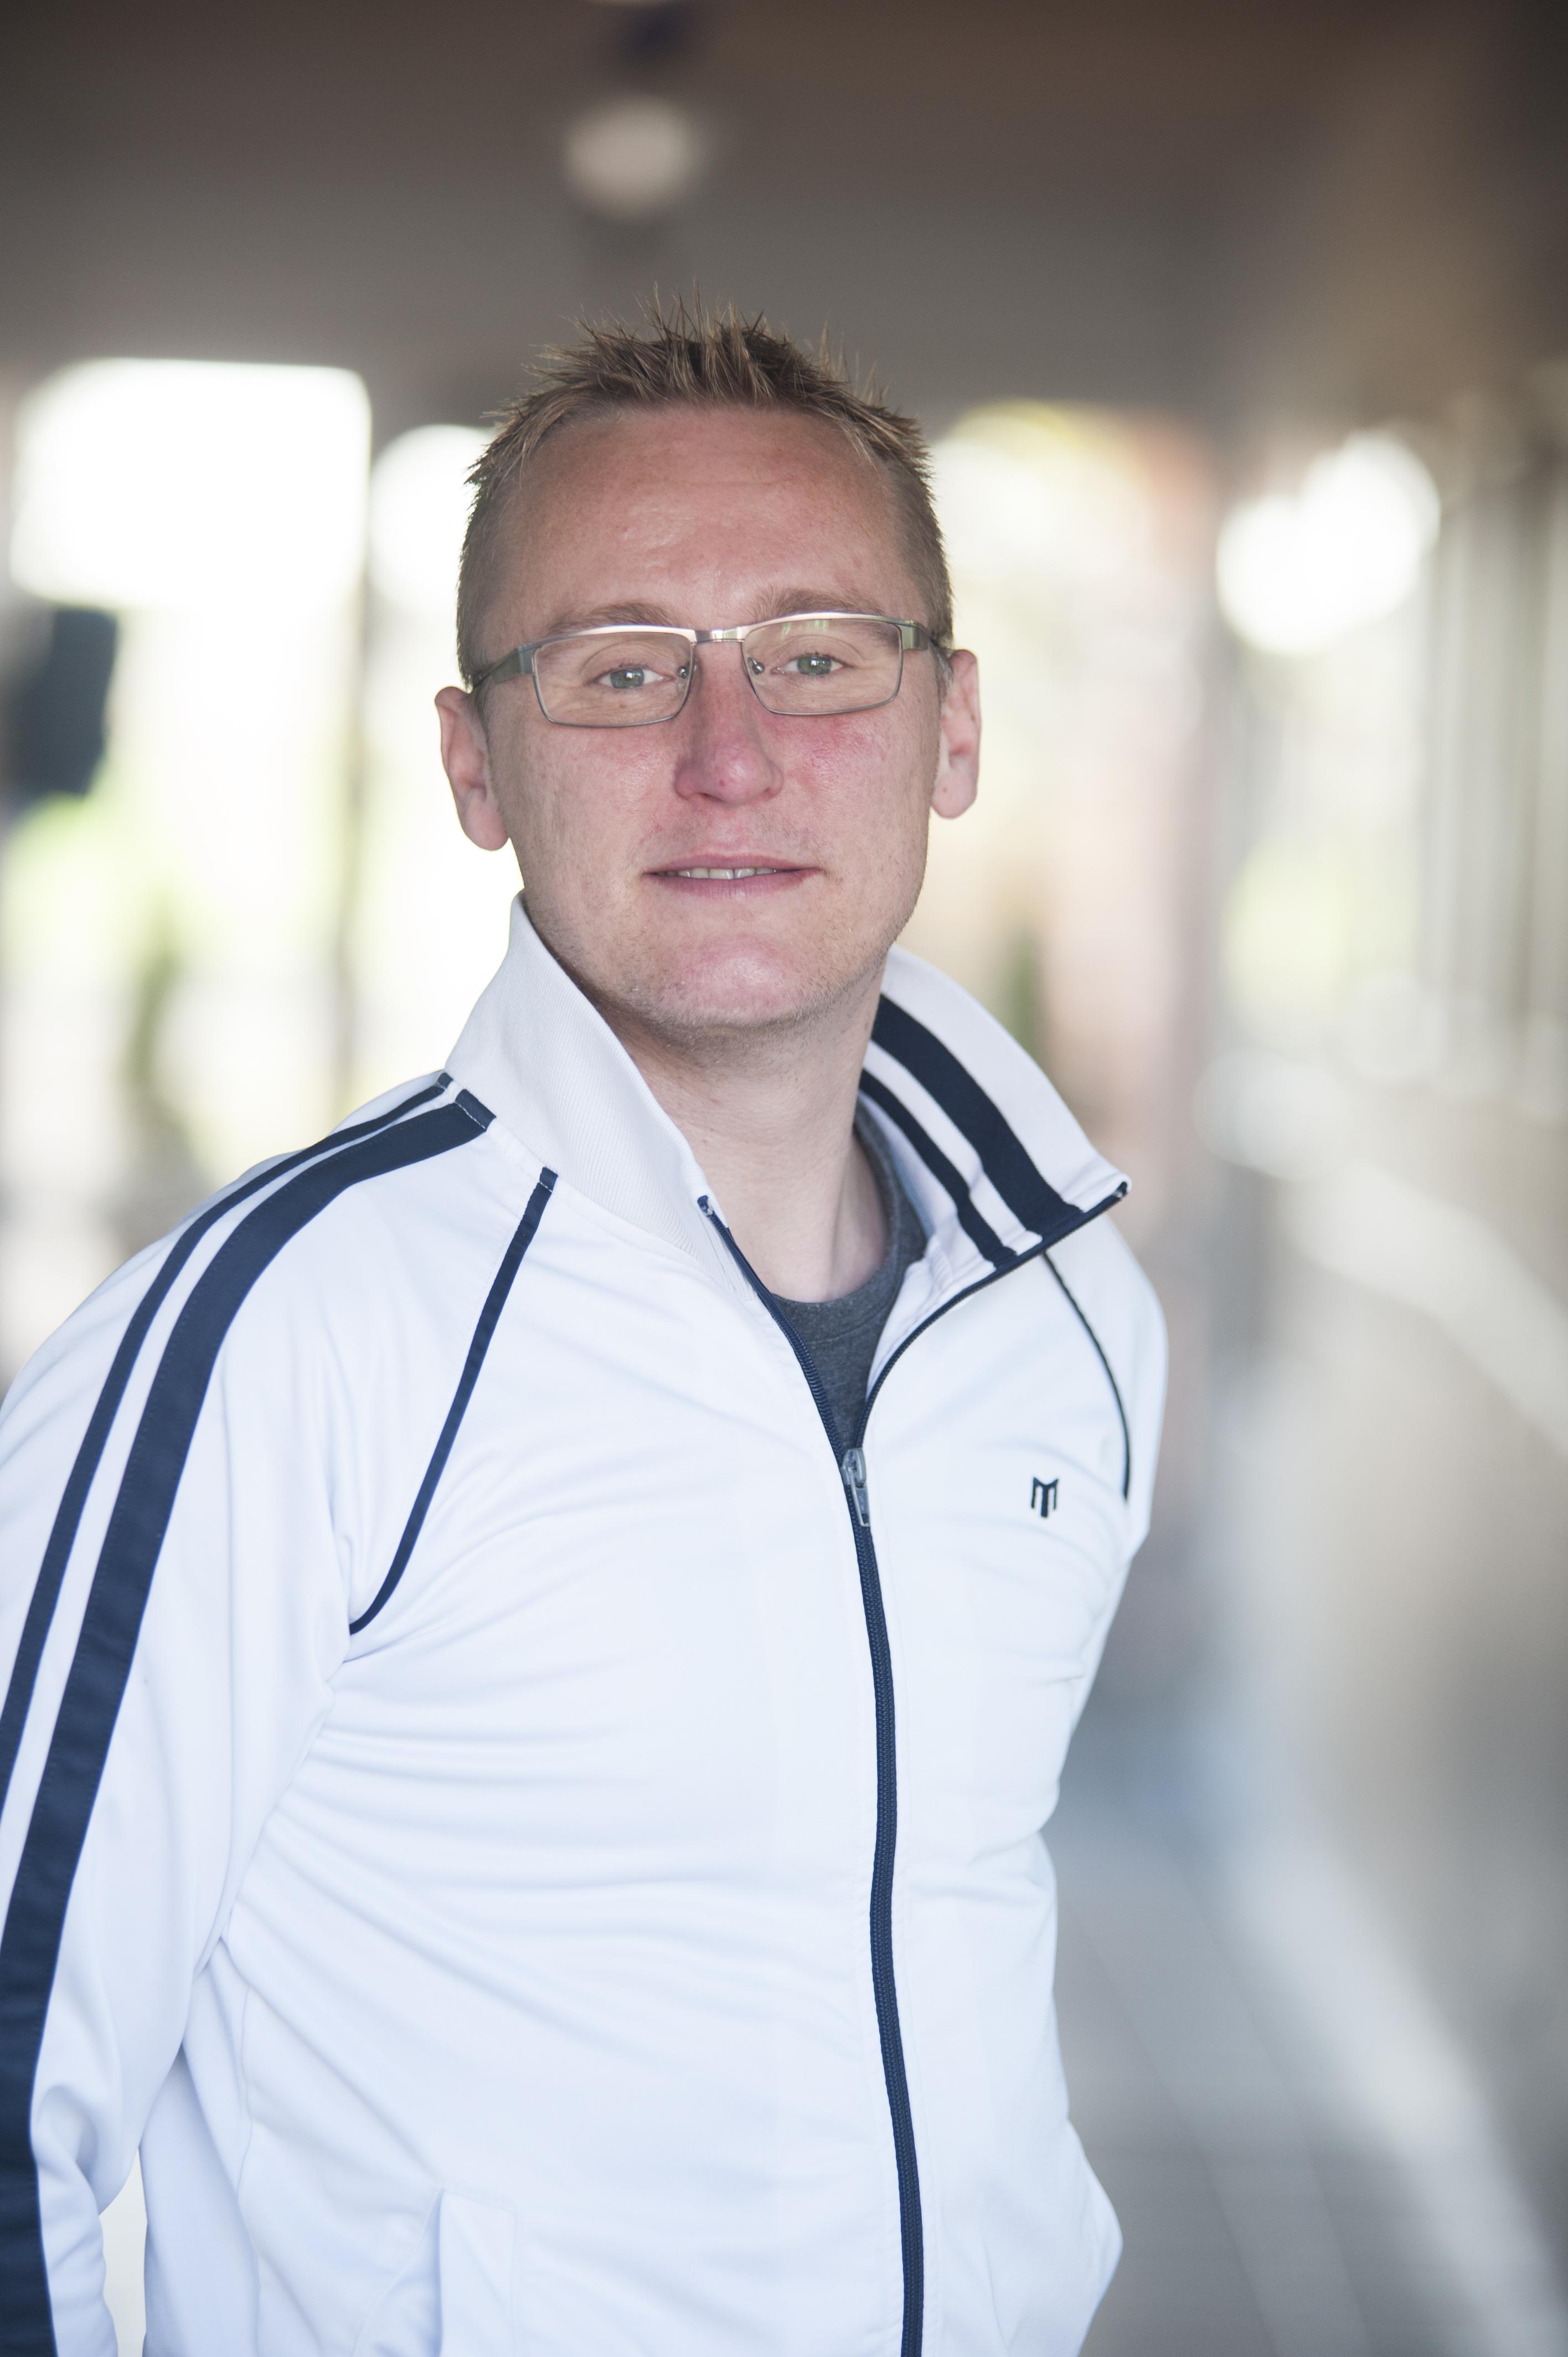 Mick Gulbæk